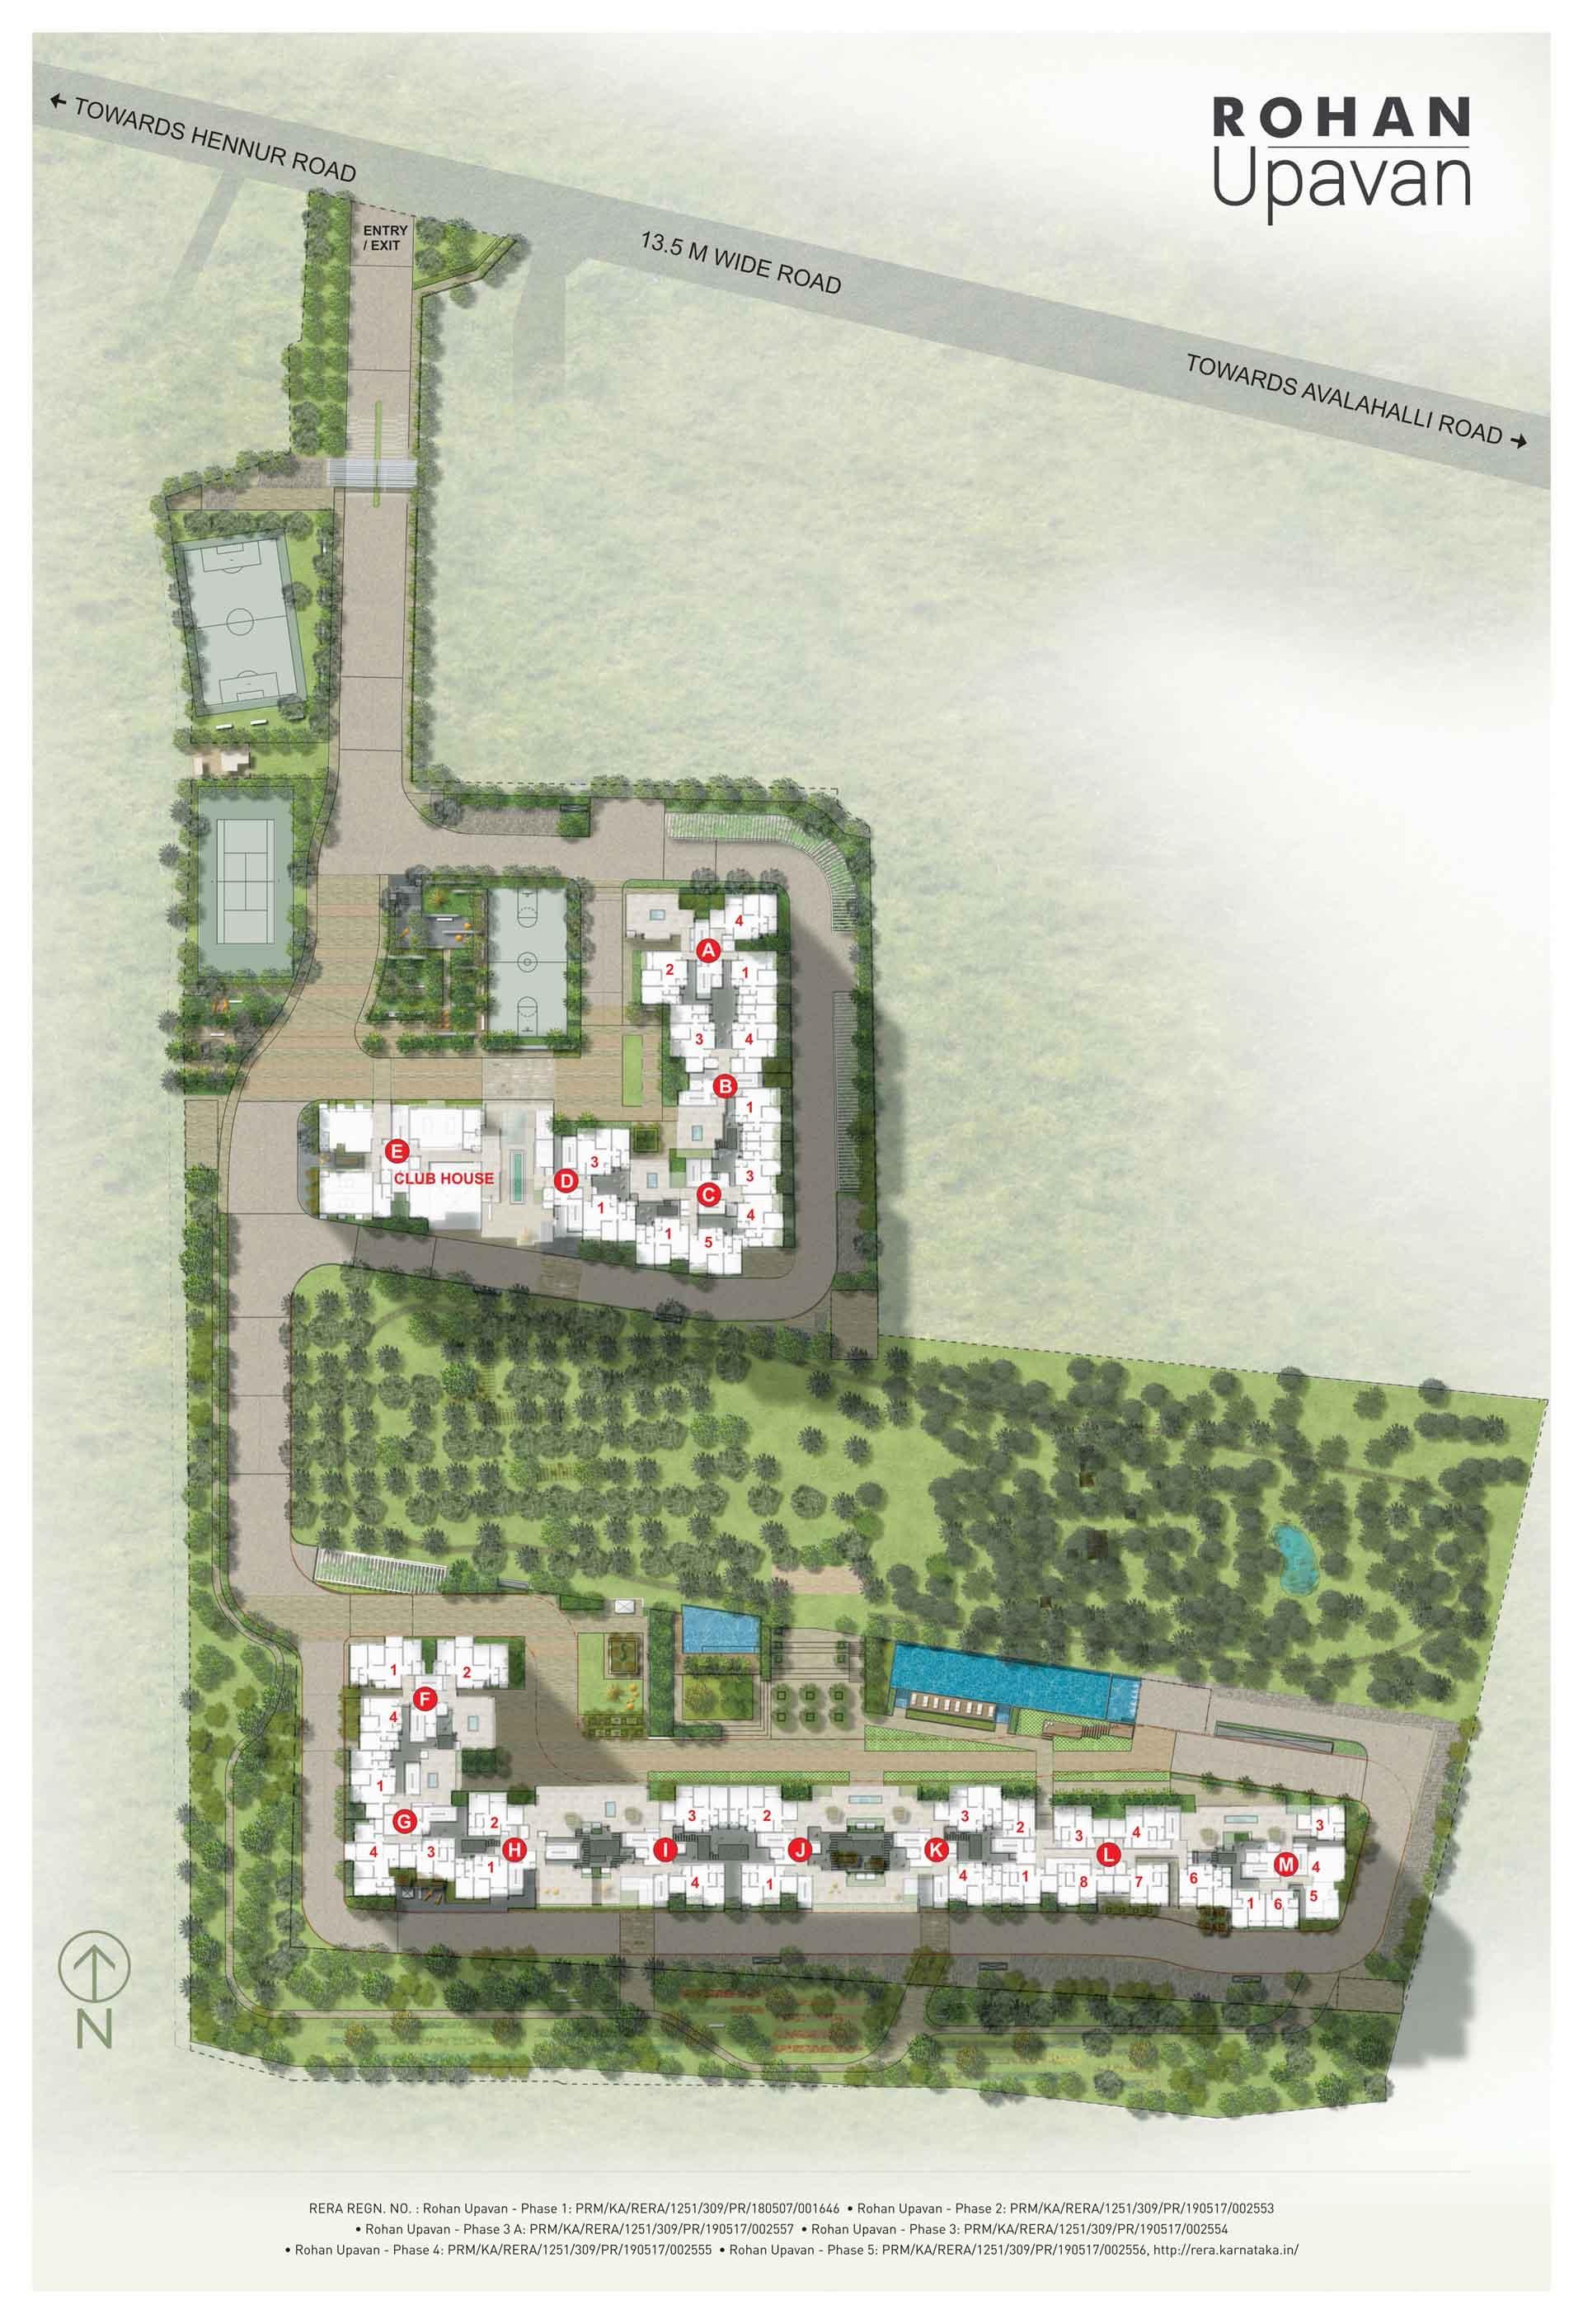 rohan upavan phase iii project master plan image2